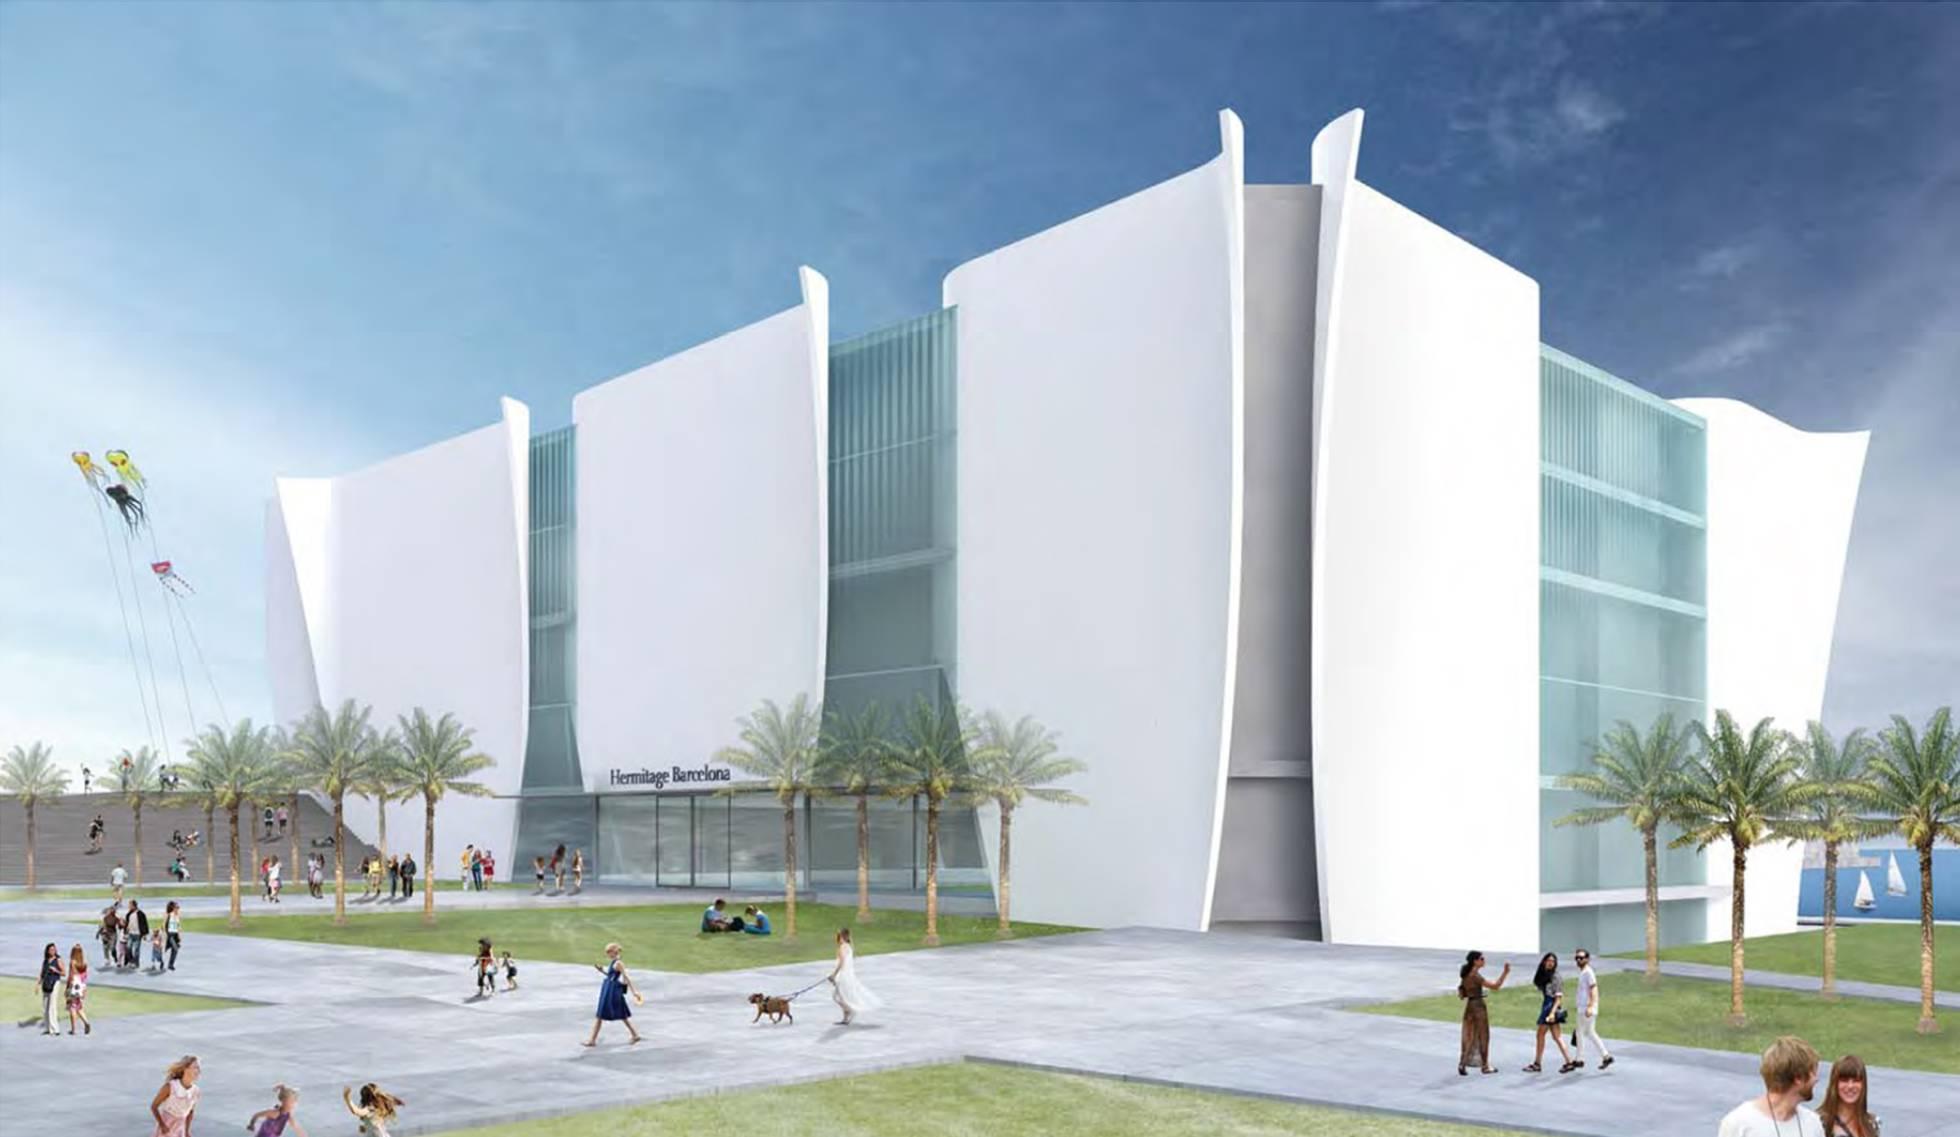 Barcellona avrà il suo Hermitage: presentato il progetto della filiale catalana del museo di San Pietroburgo